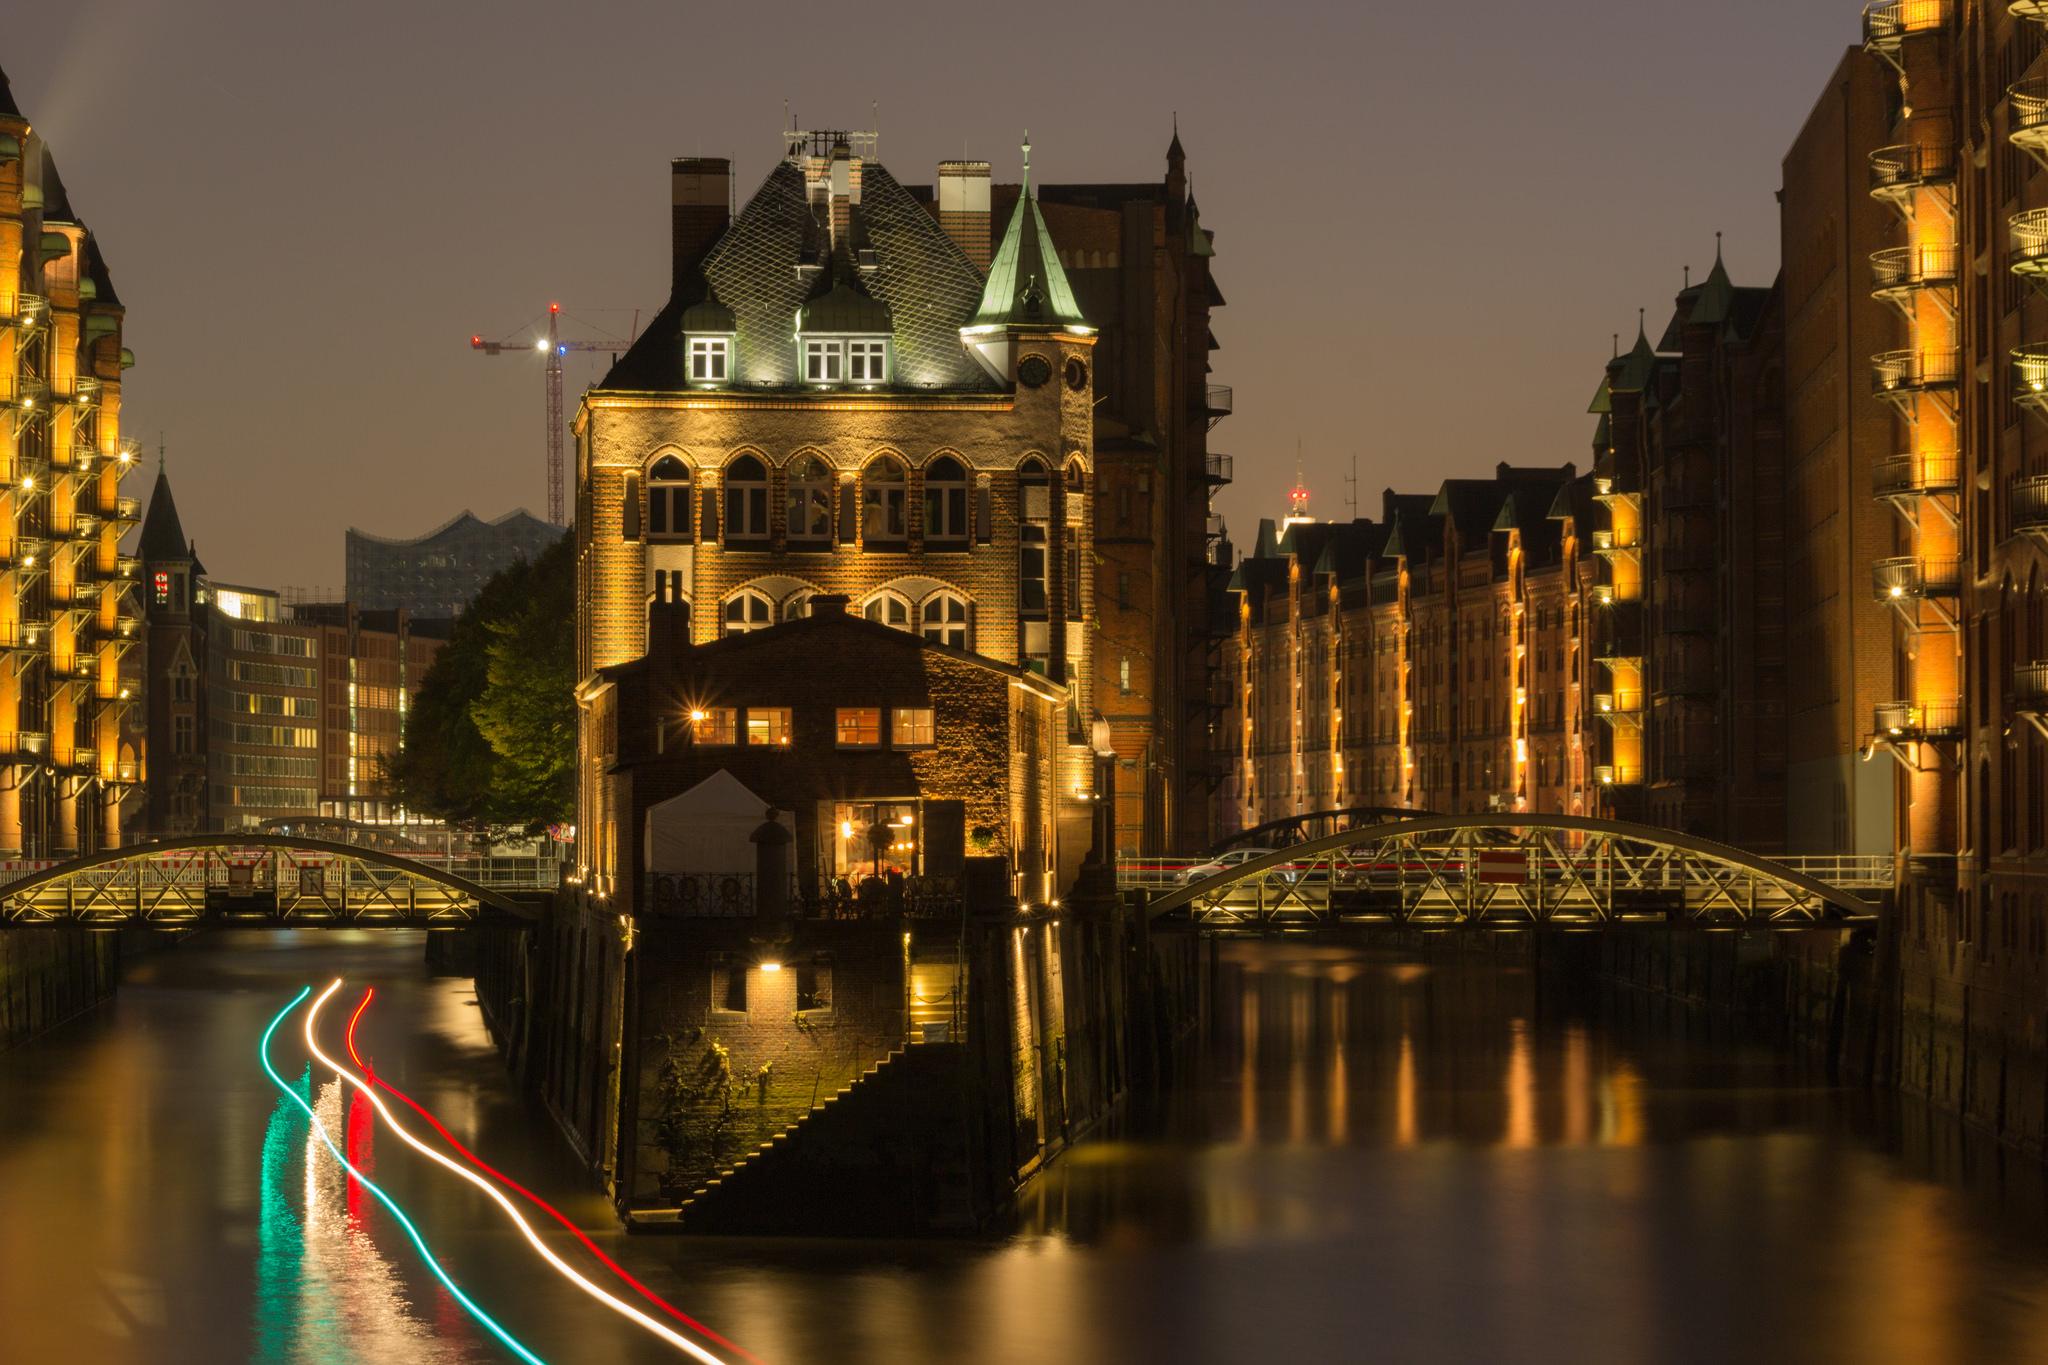 10 Προορισμοί στη Γερμανία που Αξίζει να Επισκεφτείς